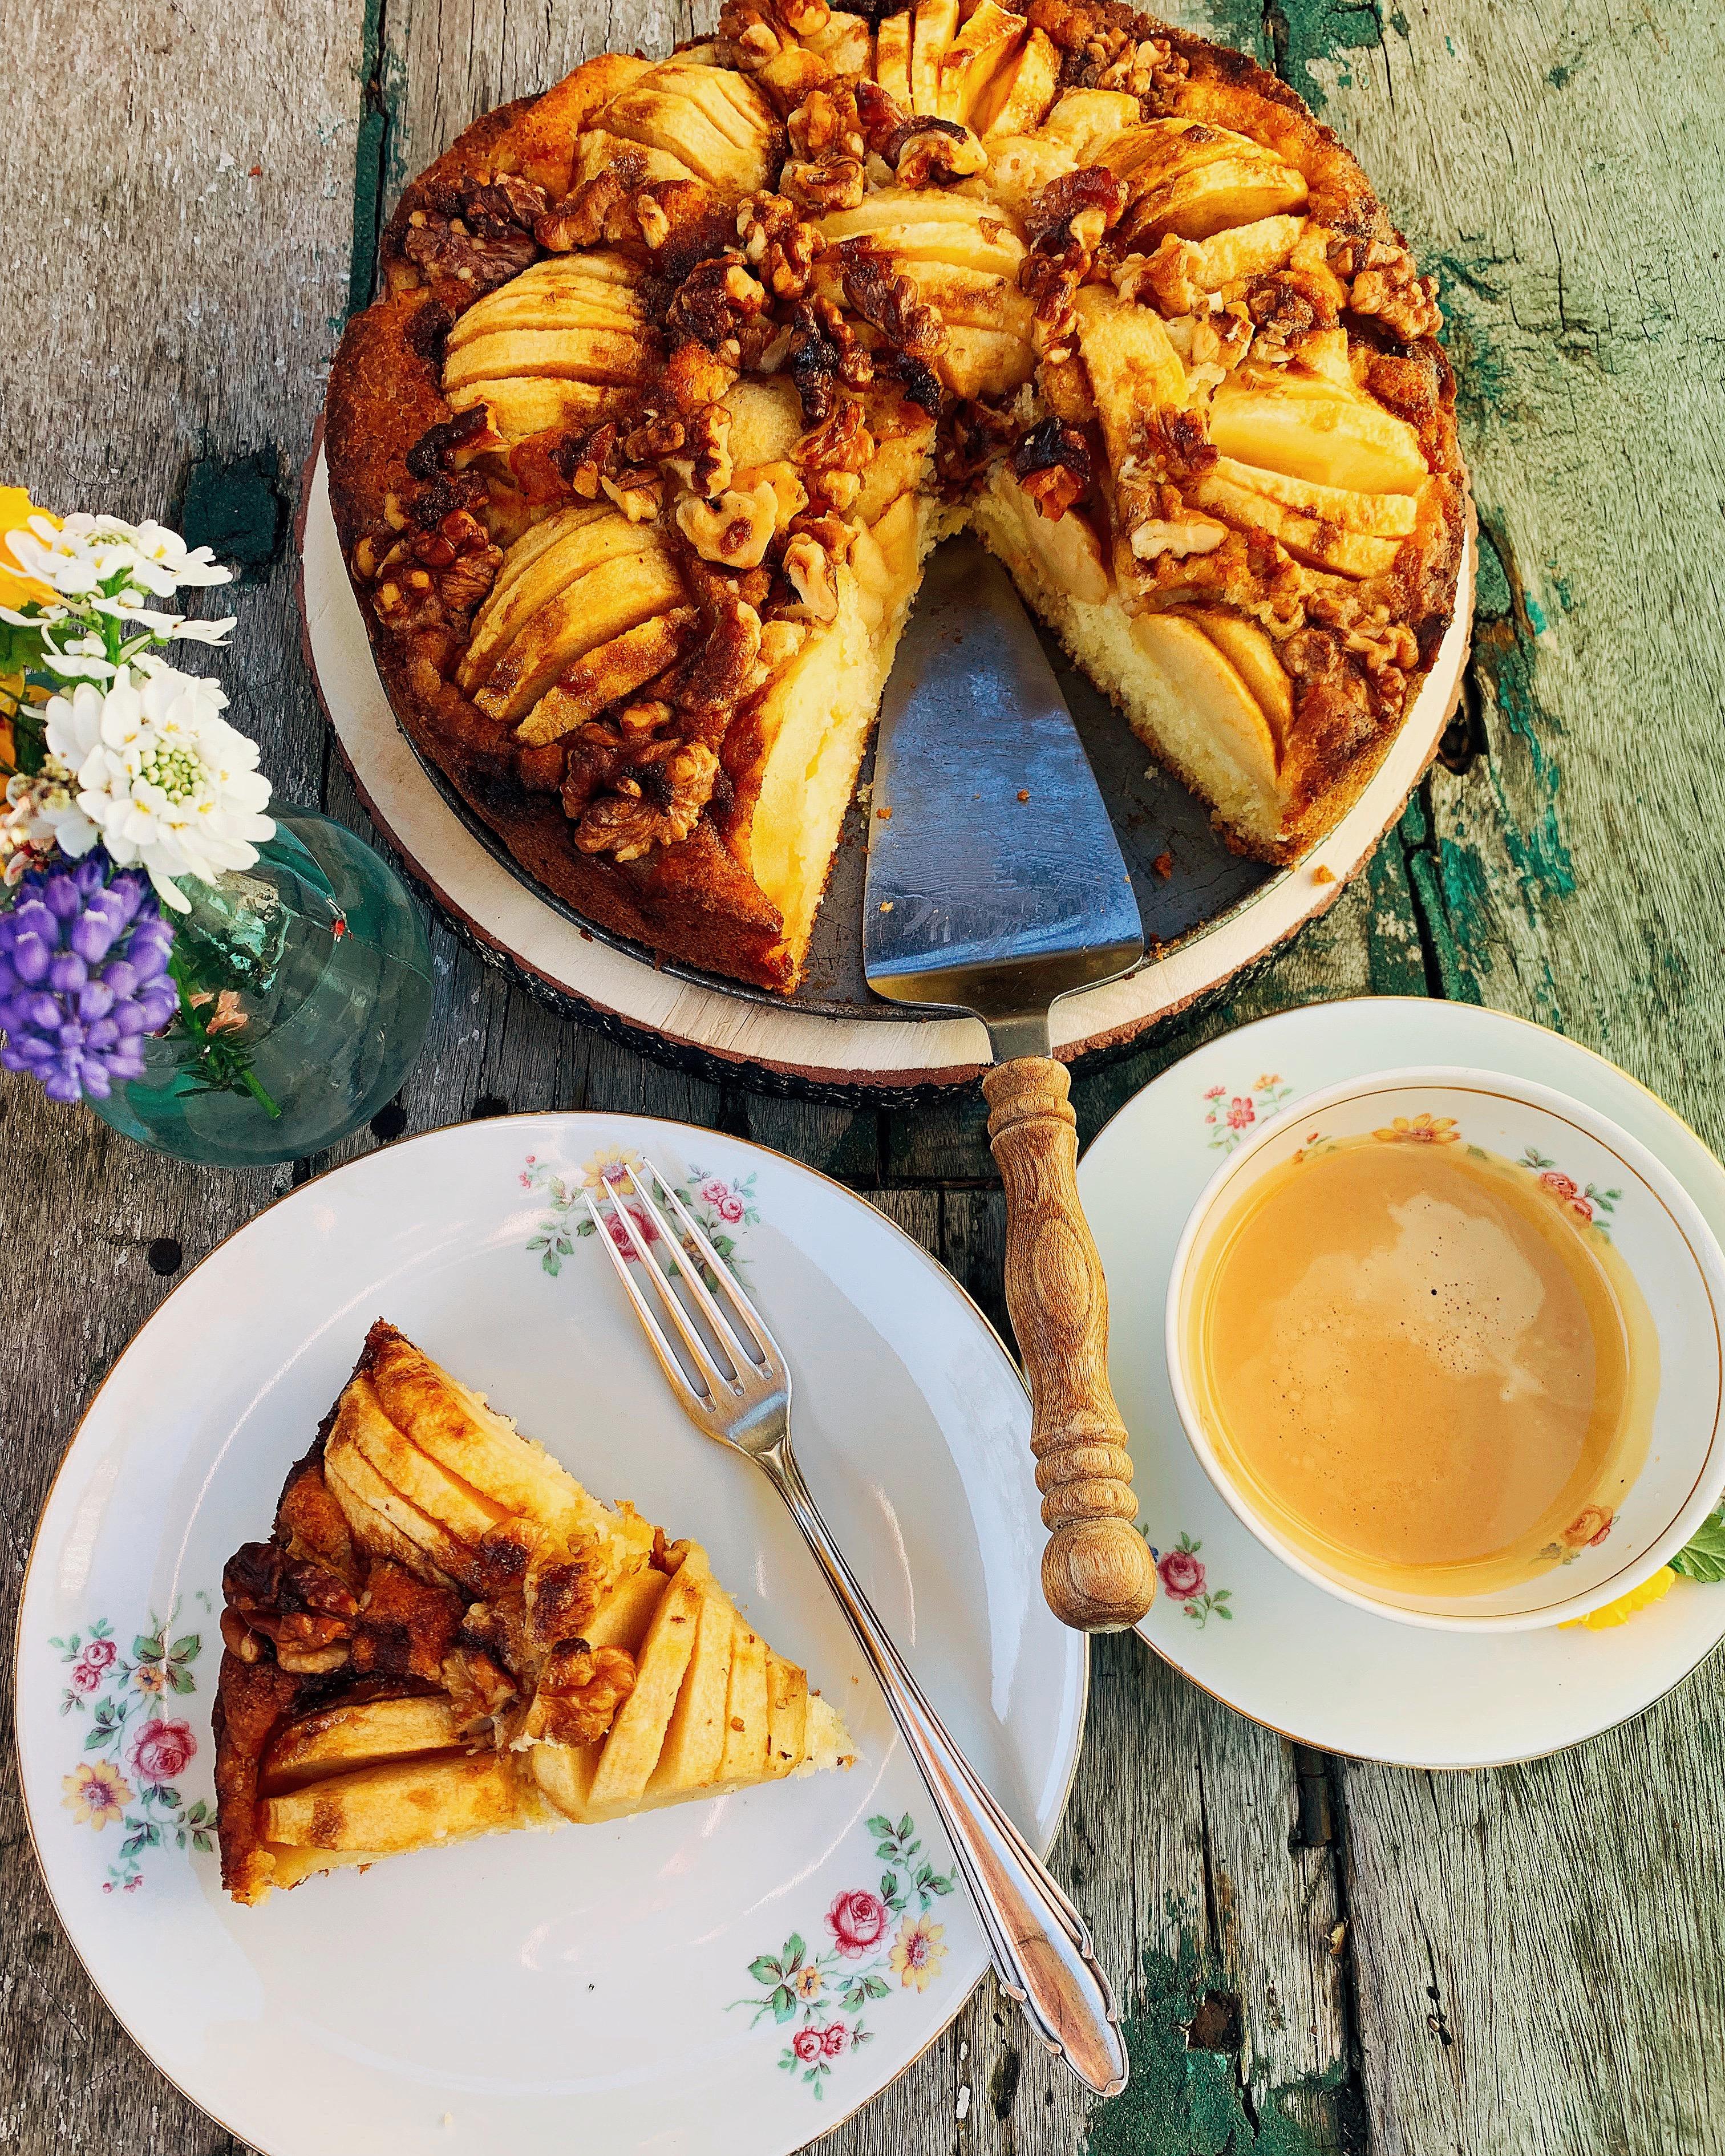 Apfelkuchen mit Walnüssen und Birkenzucker